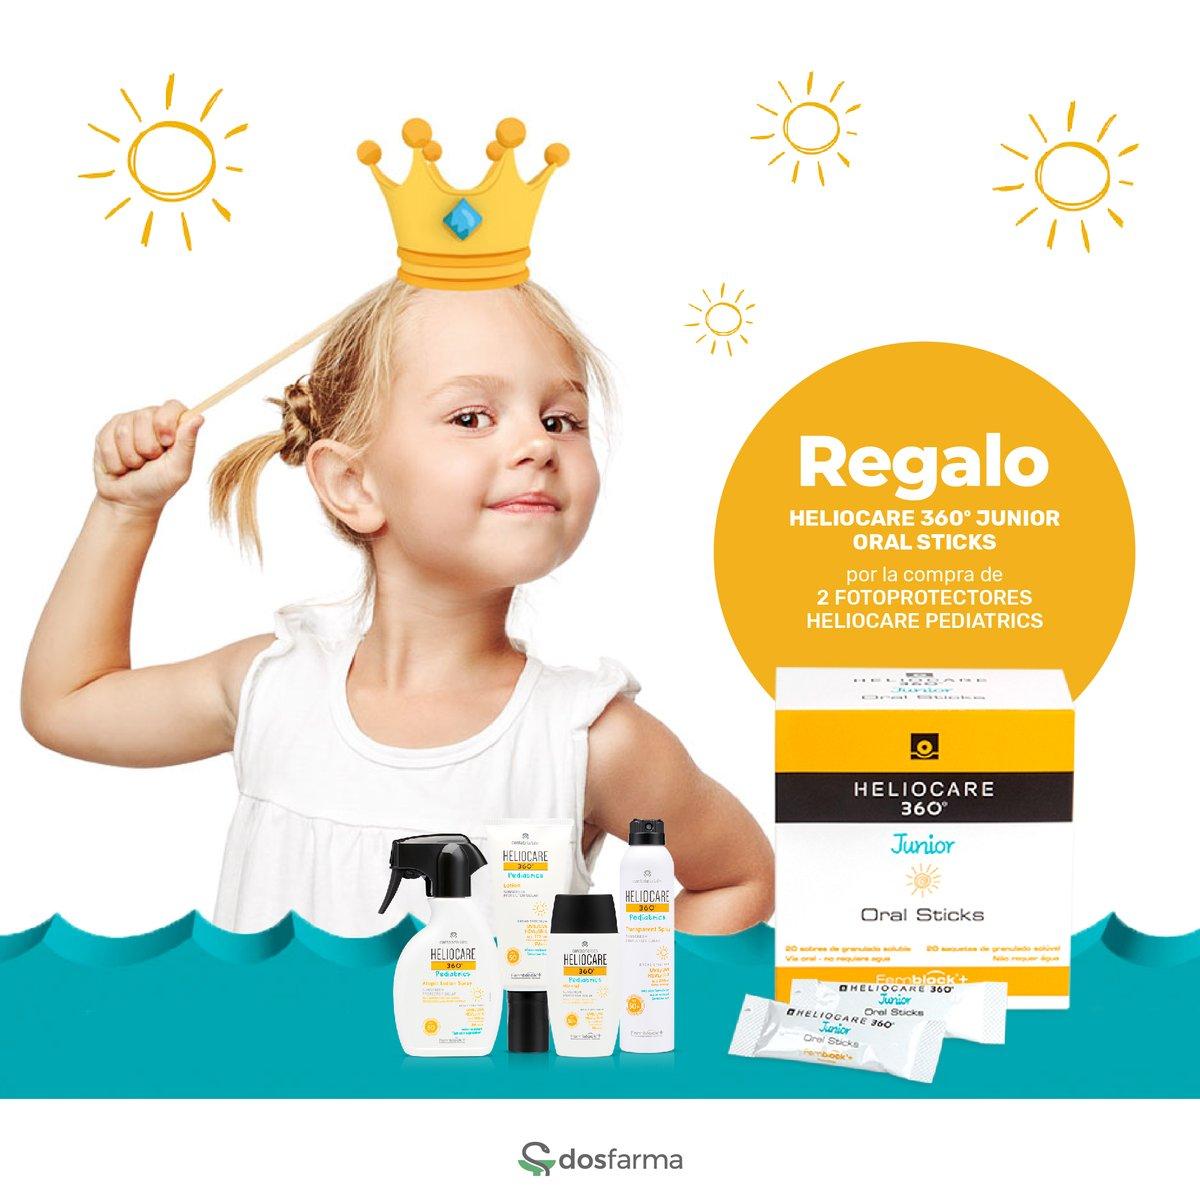 👧 Protección solar oral para vuestros peques. 🌞  Por la compra de dos o más fotoprotectores Pediatrics, ➡ https://t.co/PV4KBPmQ8o ⬅ os lleváis un Heliocare 360º Junior GRATIS a casa.  #dosfarma #farmacia #parafarmacia #online #heliocare #promoción https://t.co/AApjhsAeF1